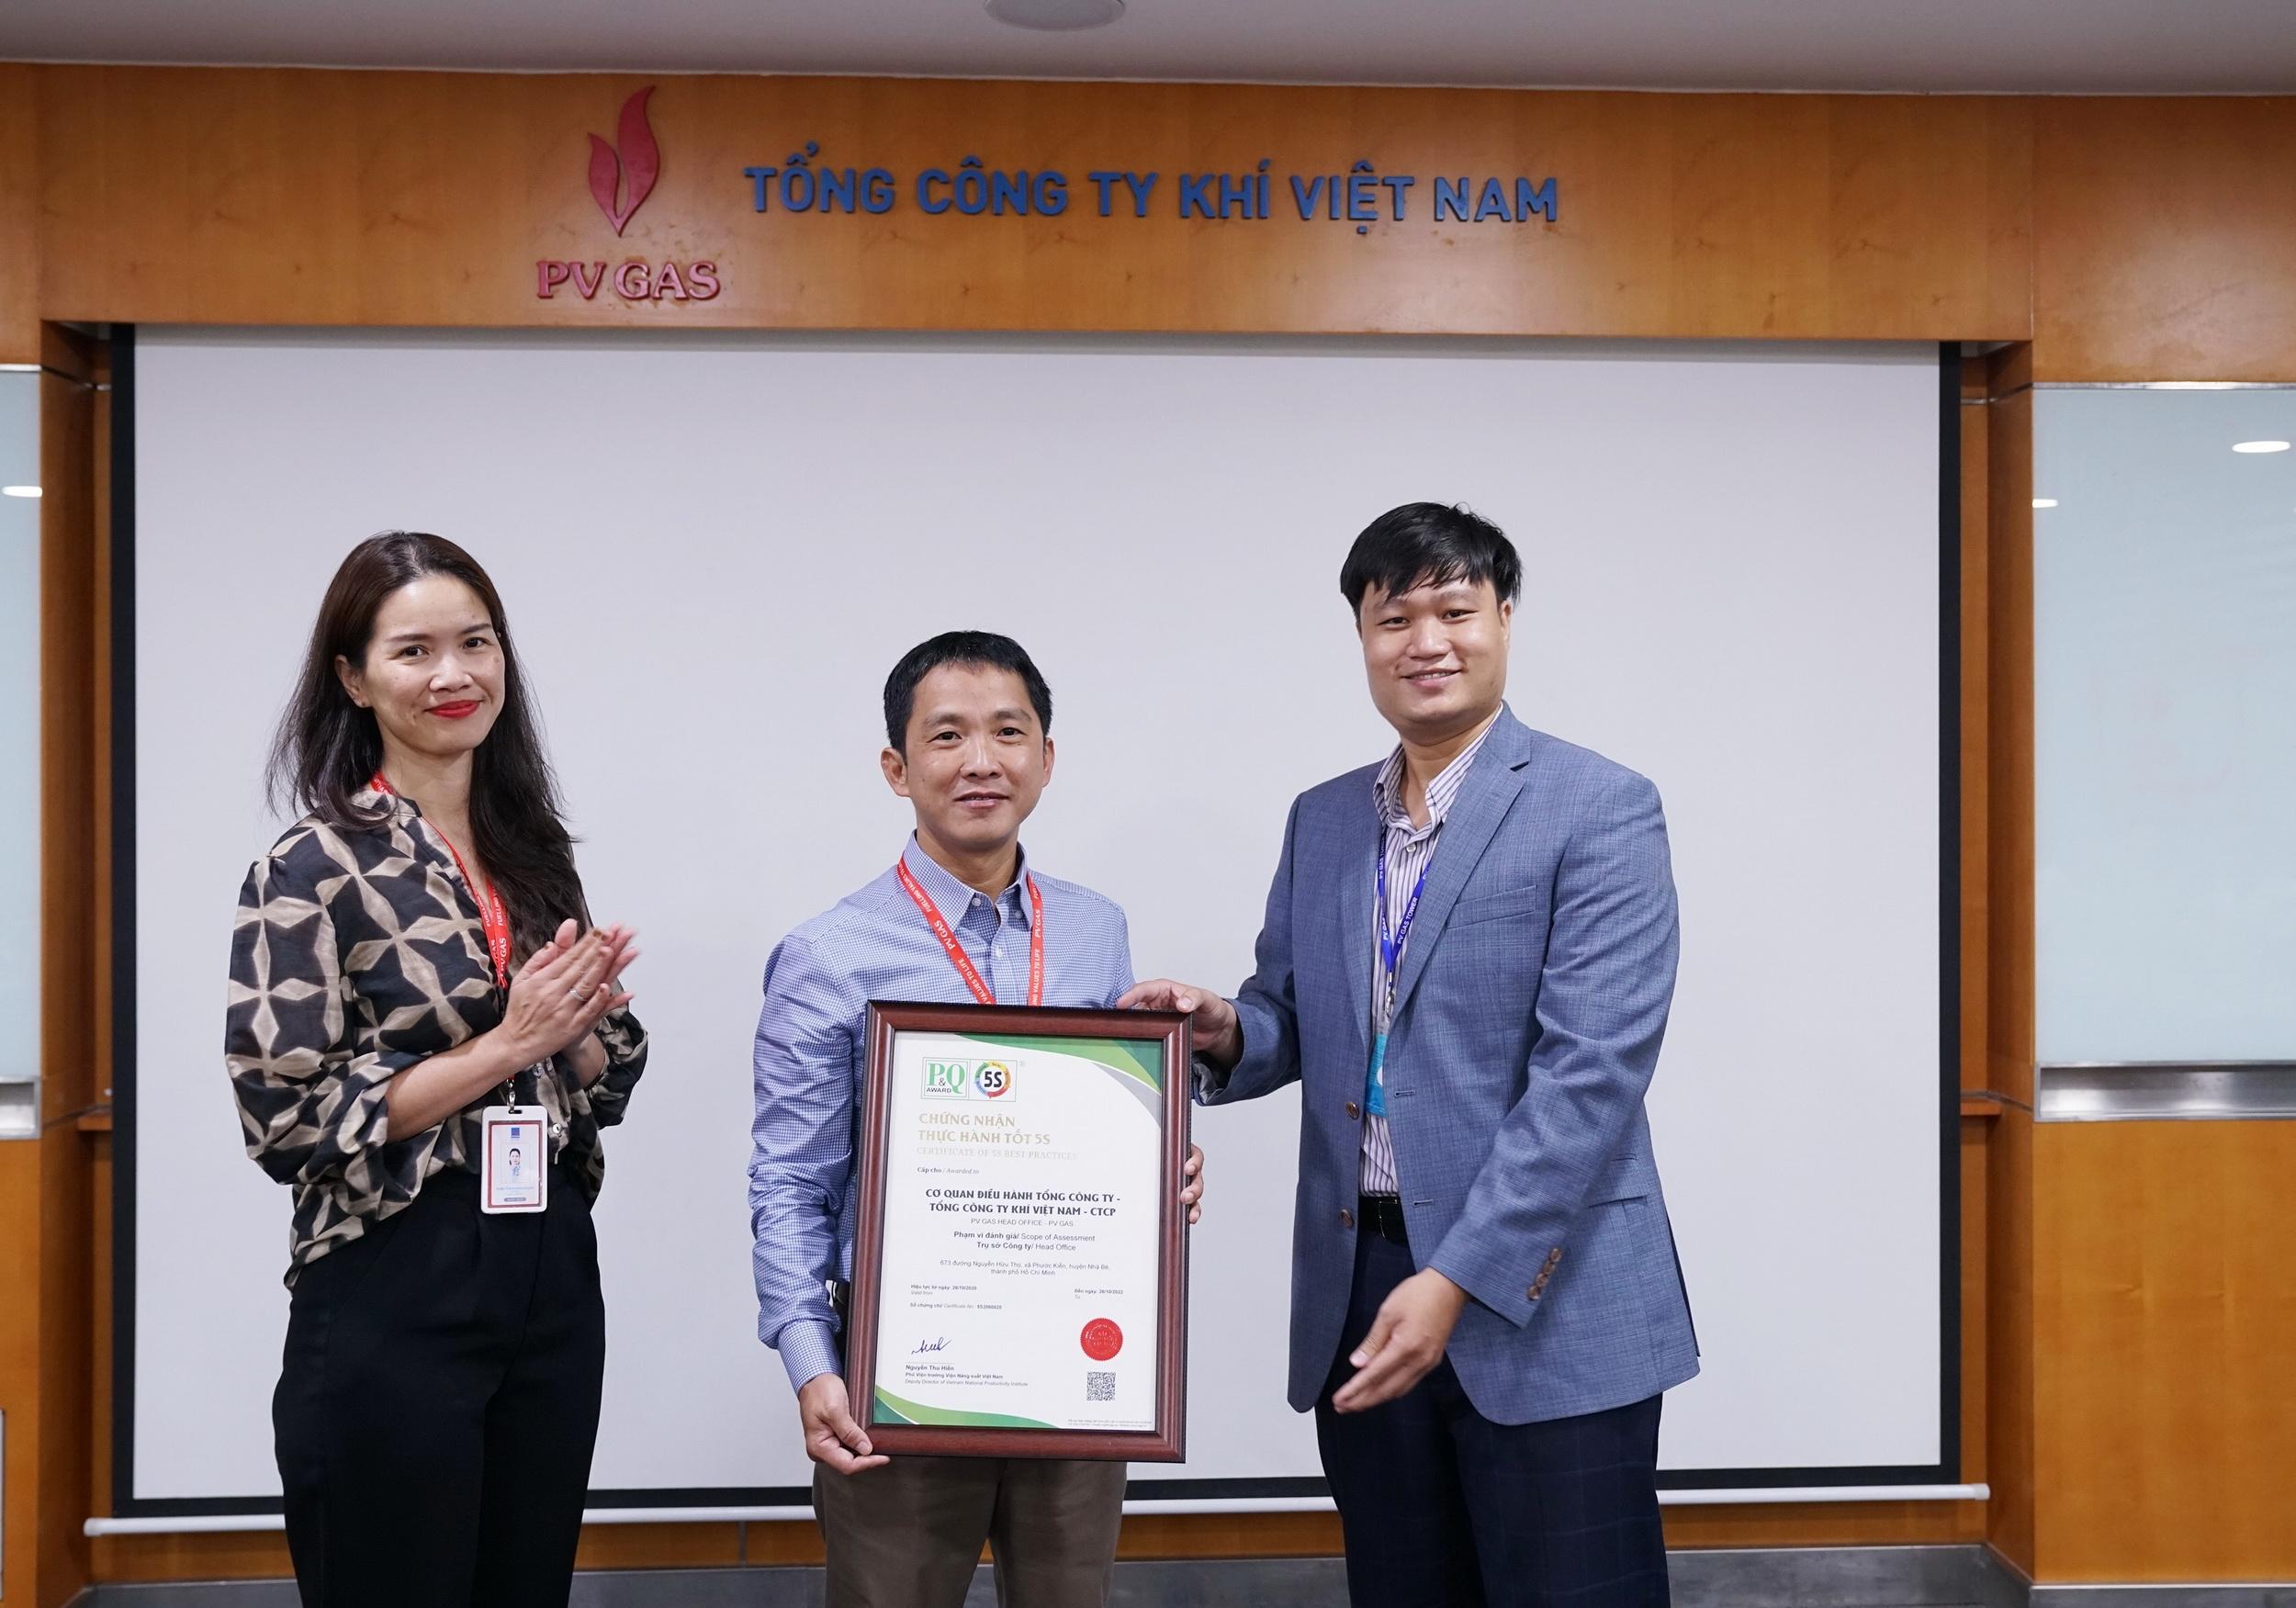 Viện năng suất Việt Nam cấp chứng nhận thực hành tốt 5S cho Cơ quan Điều hành PV GAS